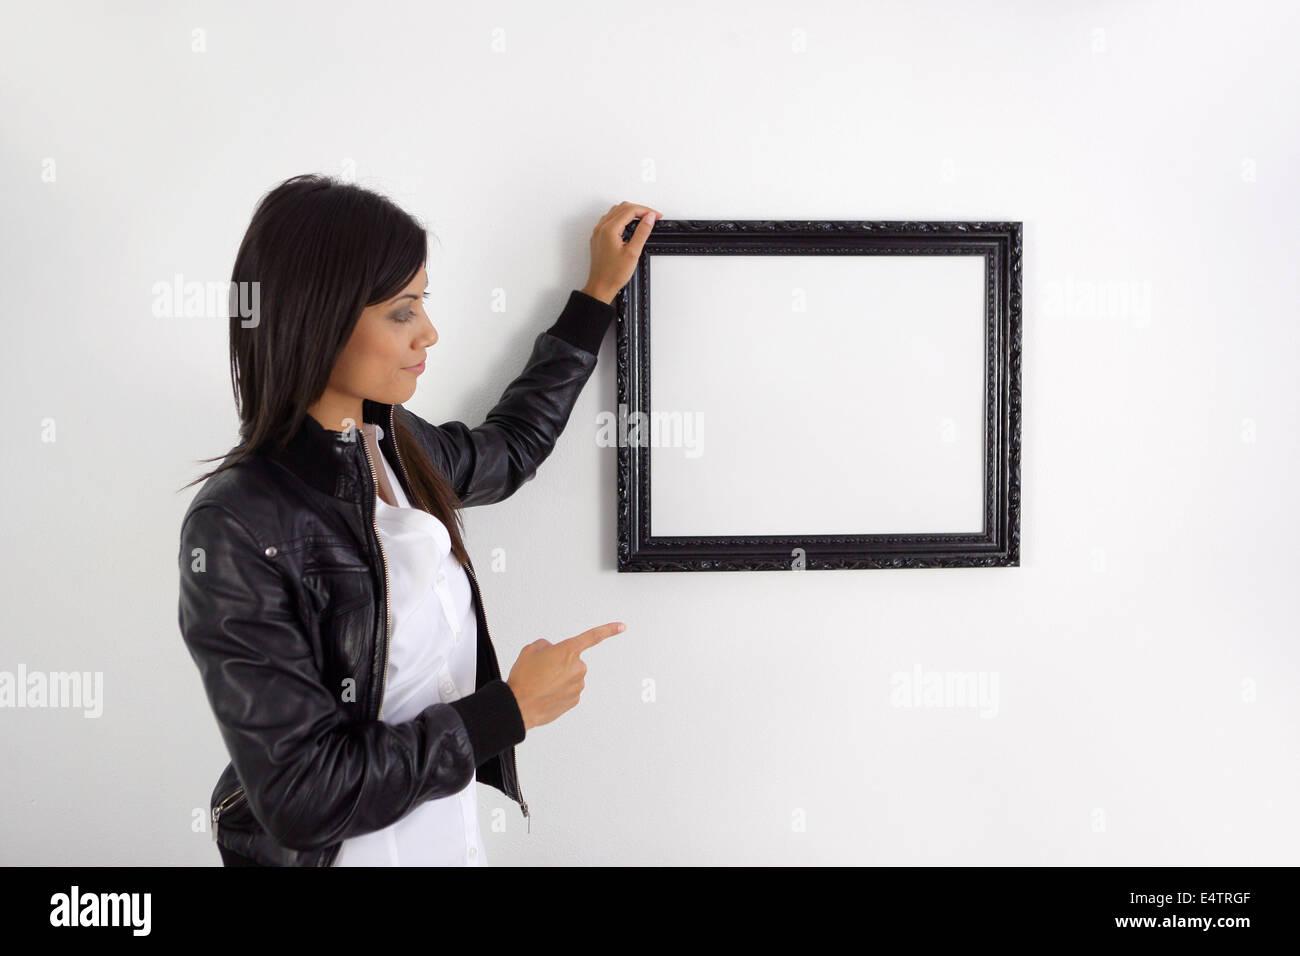 Woman Judge Pointing Stockfotos & Woman Judge Pointing Bilder - Alamy